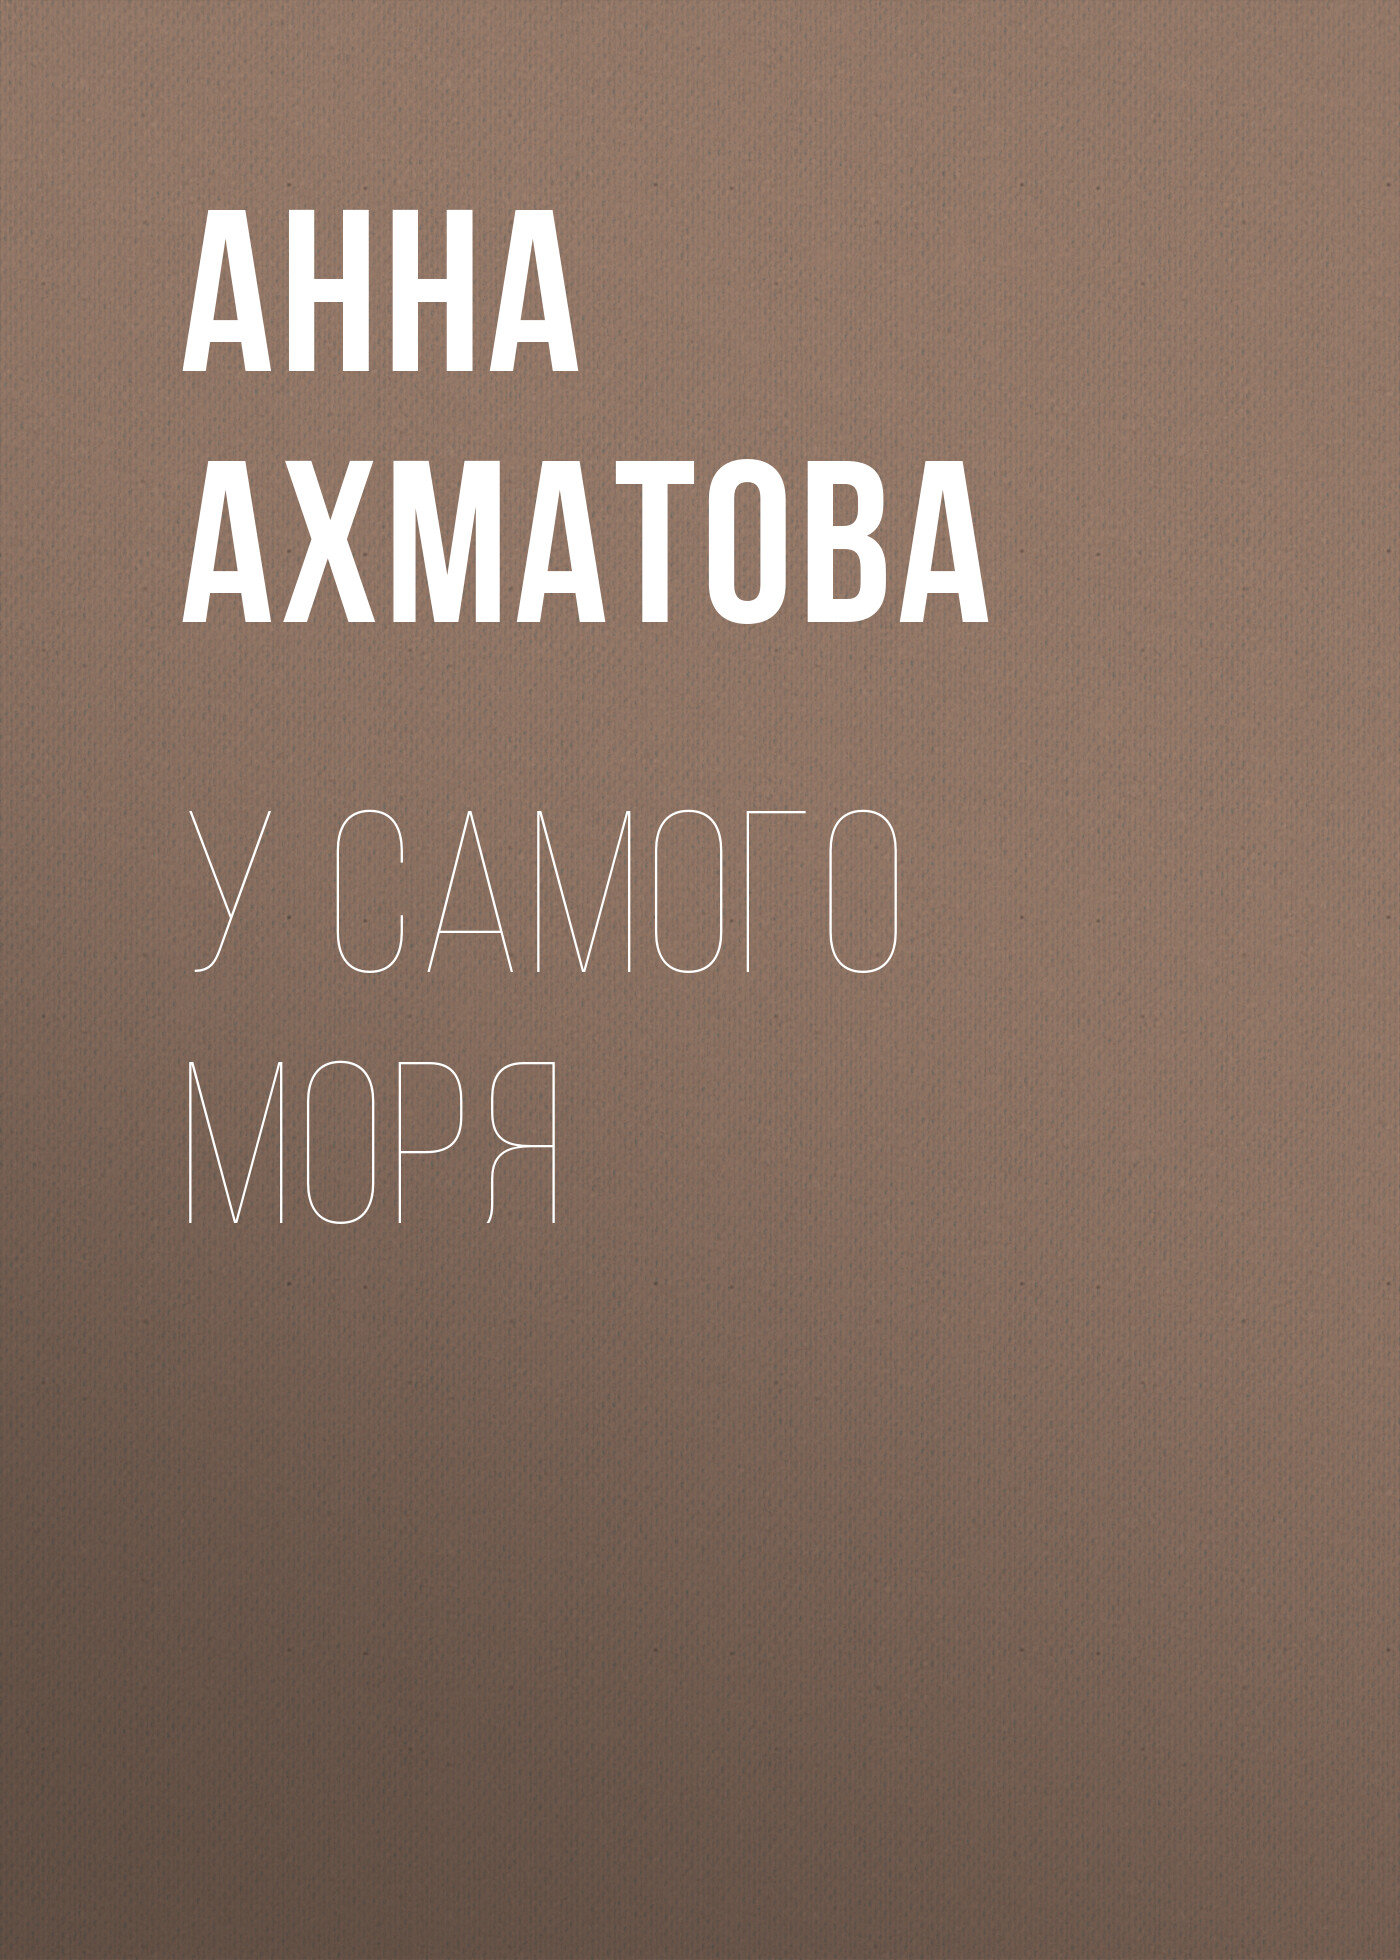 Анна Ахматова У самого моря анна ахматова у самого моря